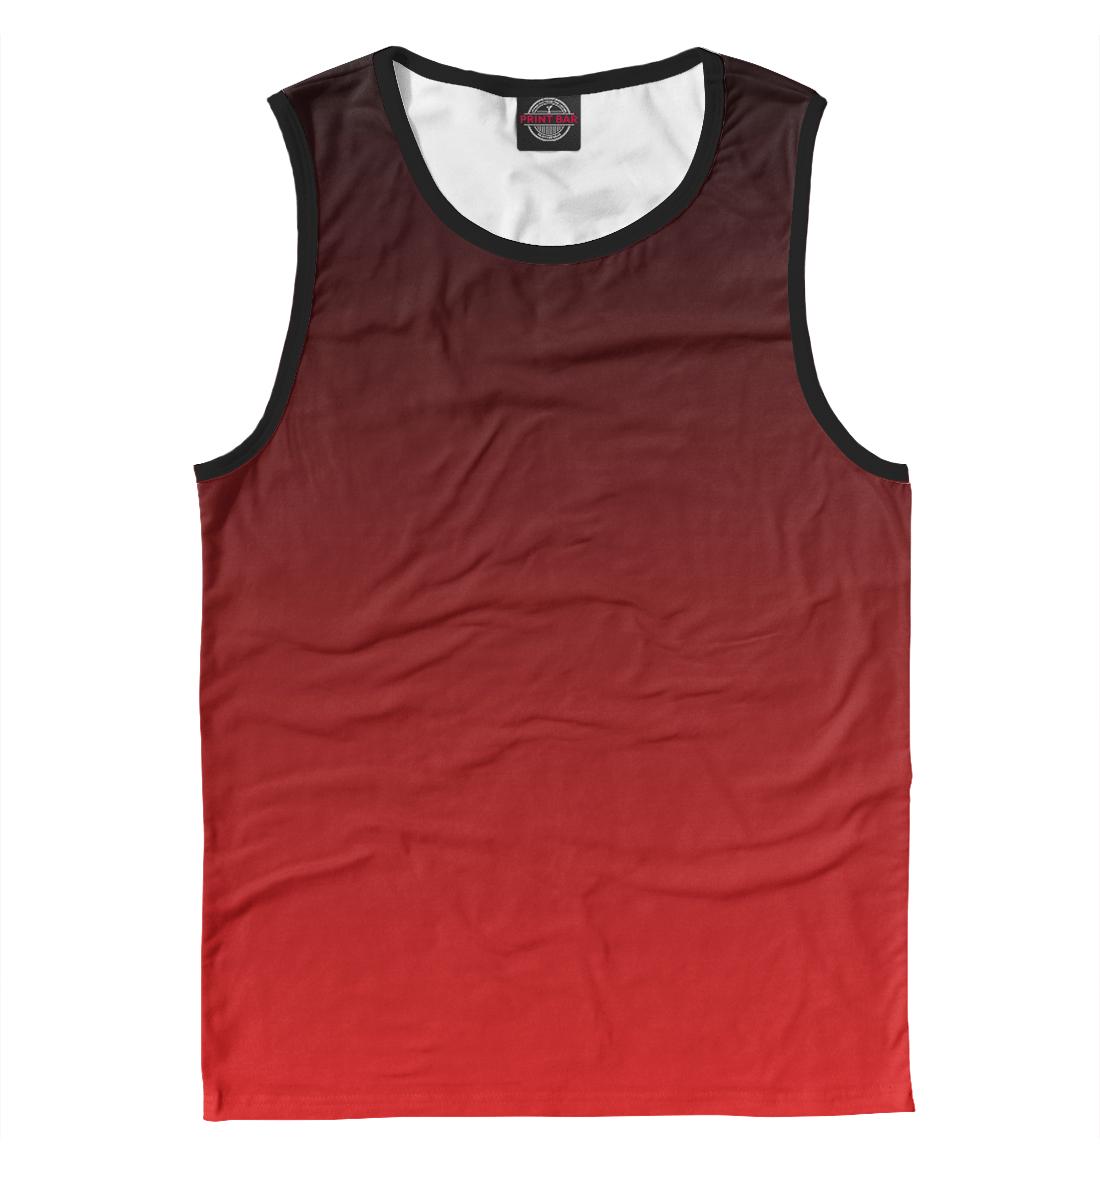 Купить Градиент Красный в Черный, Printbar, Майки, CLR-933713-may-2